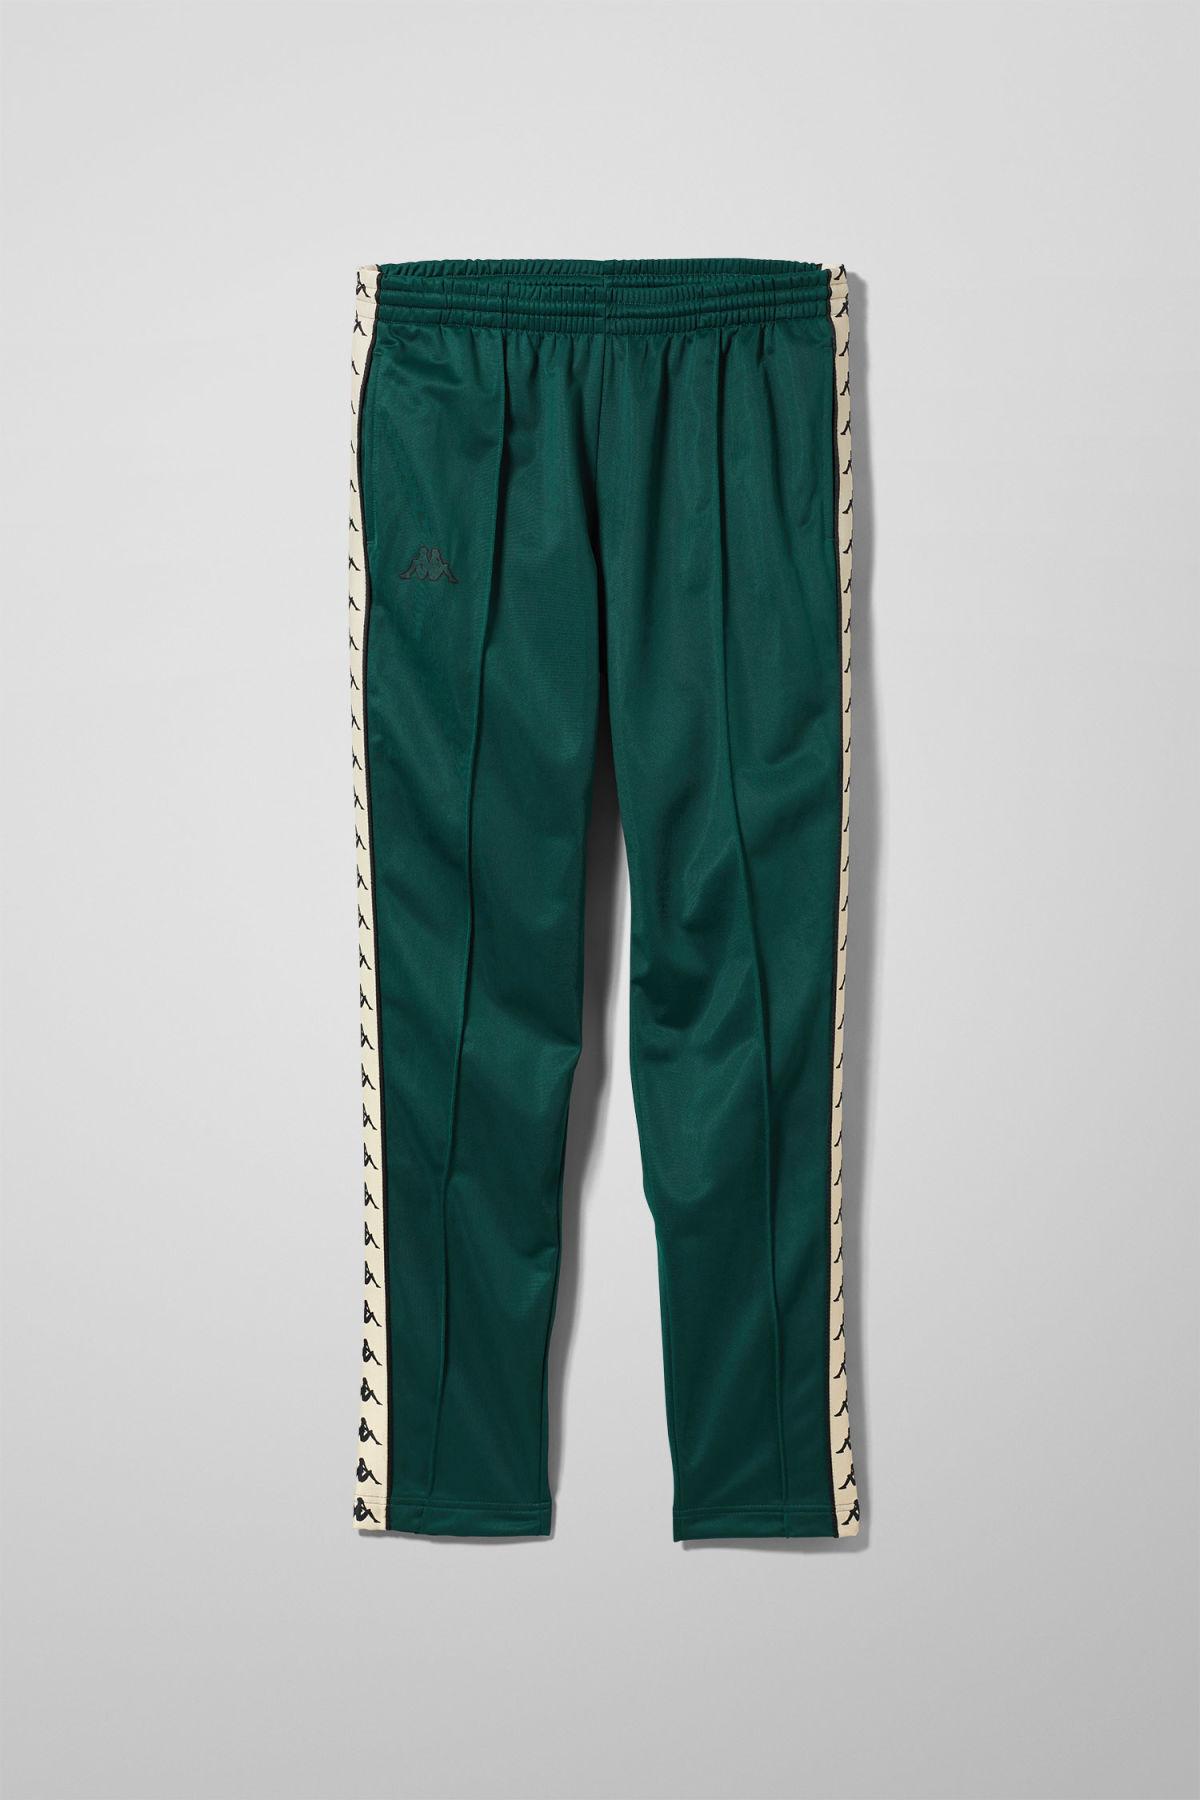 Astoria Snap Pants - Green-M